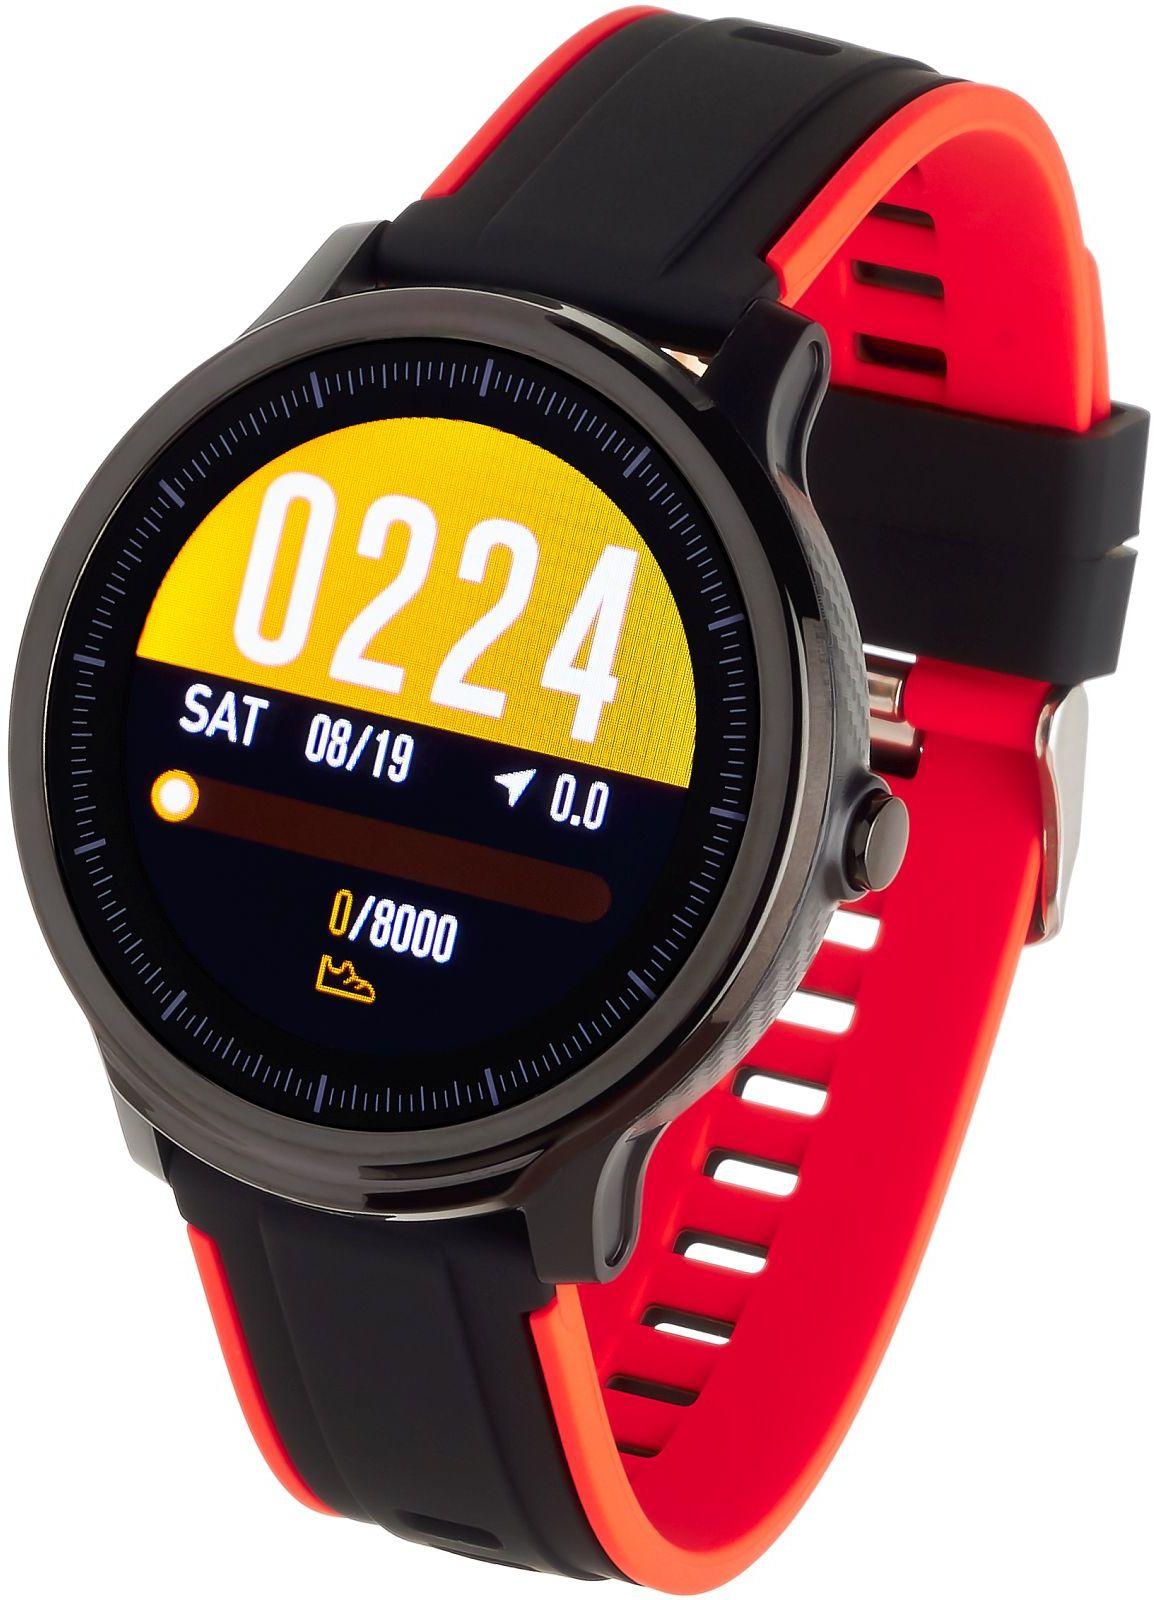 Smartwatch Sport Garett Gym czerwony > Darmowa dostawa UPS Darmowy zwrot DHL przez 100 DNI Odbierz w salonie w Warszawie